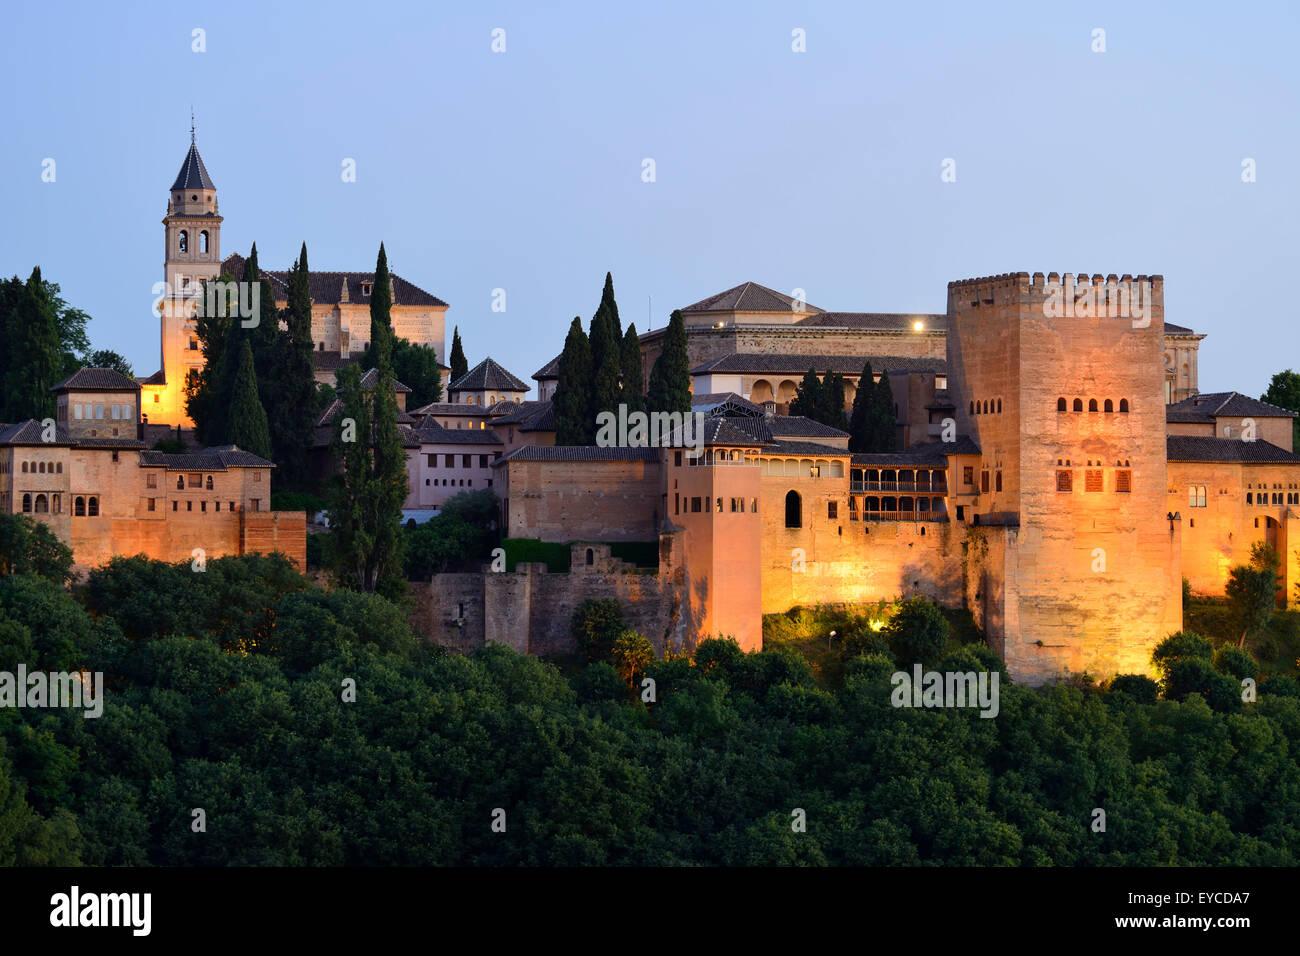 Vista del complejo del Palacio de la Alhambra al atardecer en Granada, Andalucía, España Imagen De Stock